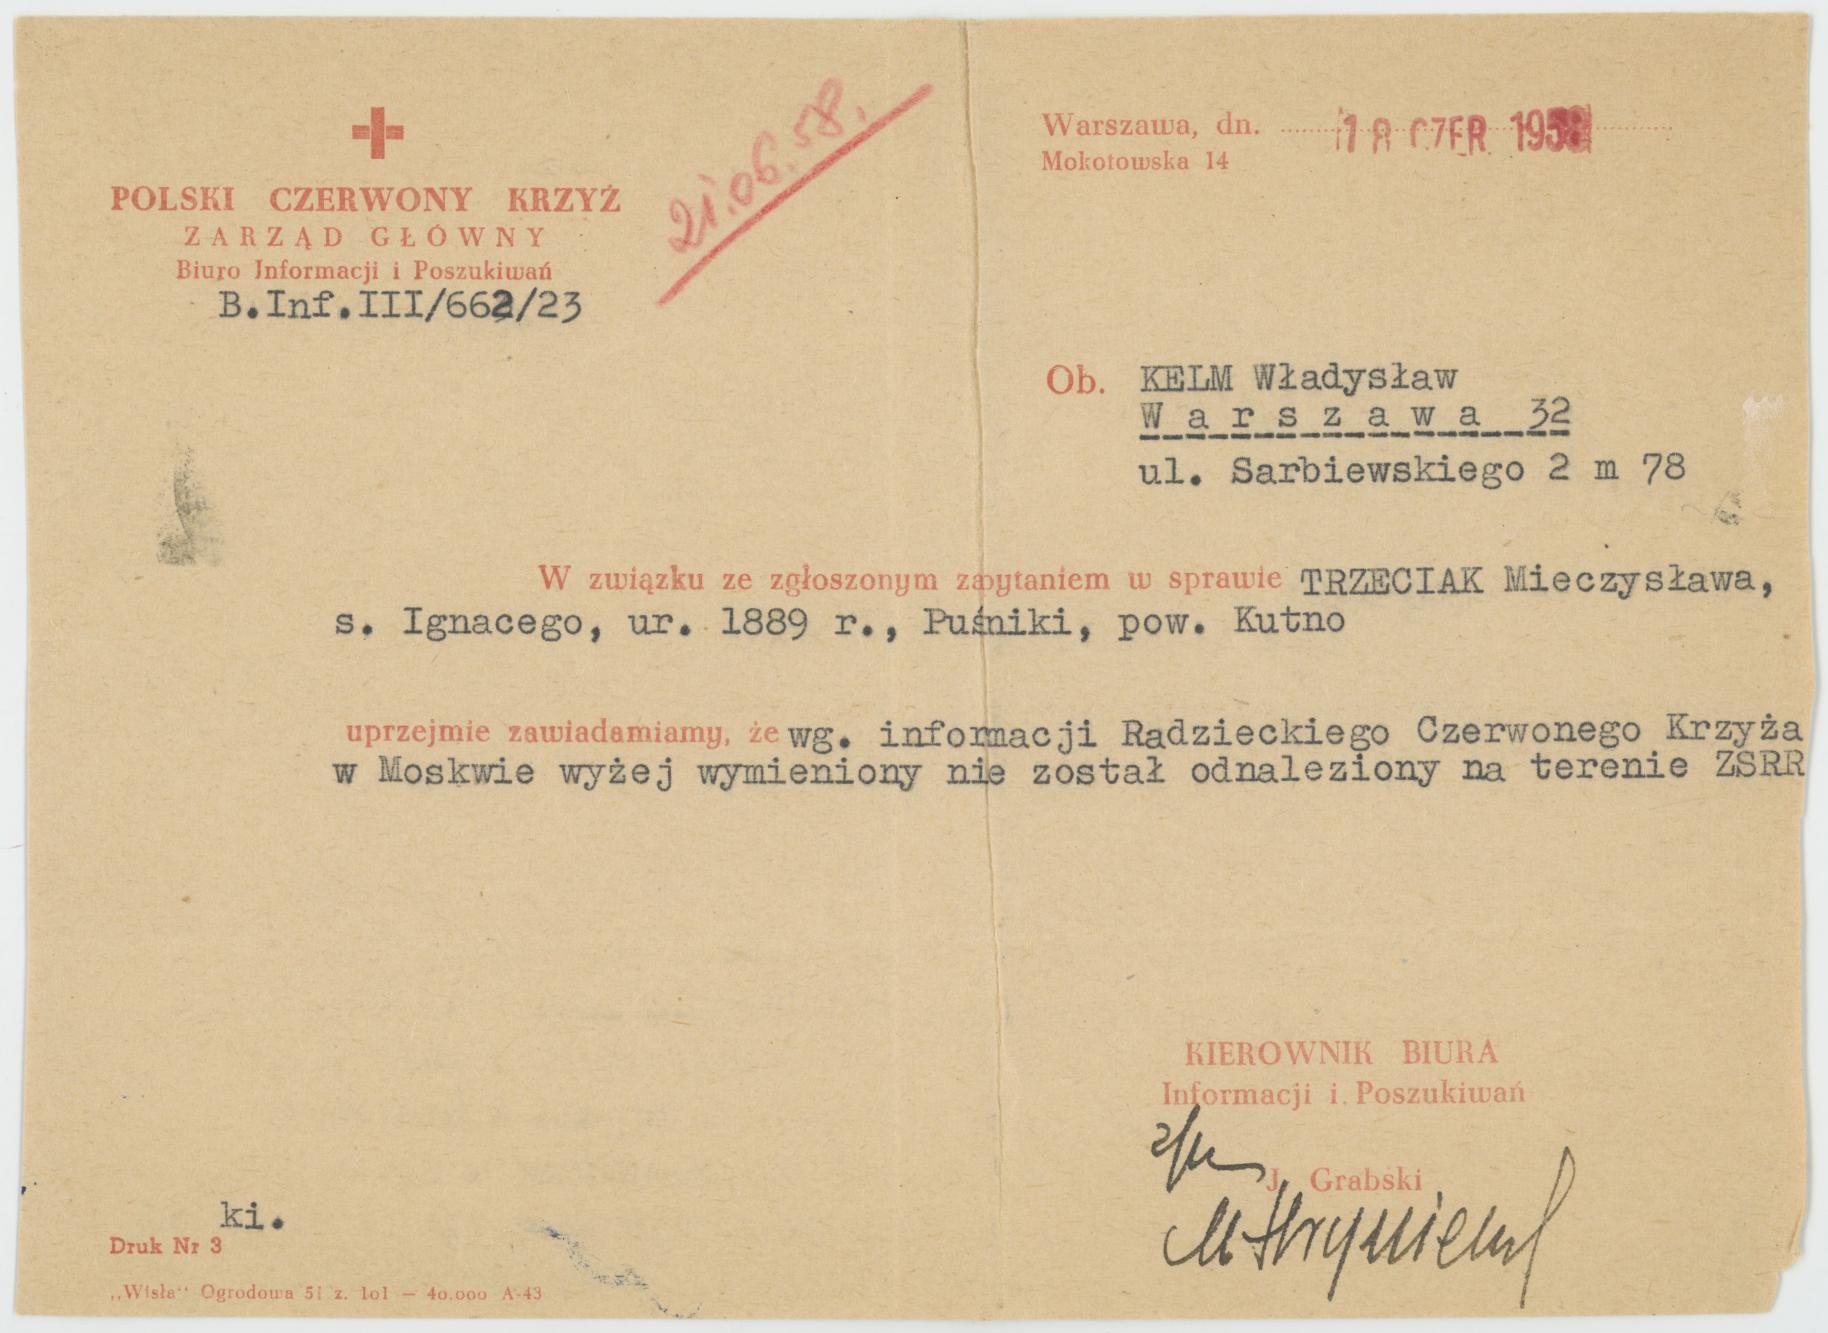 Pismo PCK do W. Kelma o nieodnalezieniu Mieczysława Trzeciaka